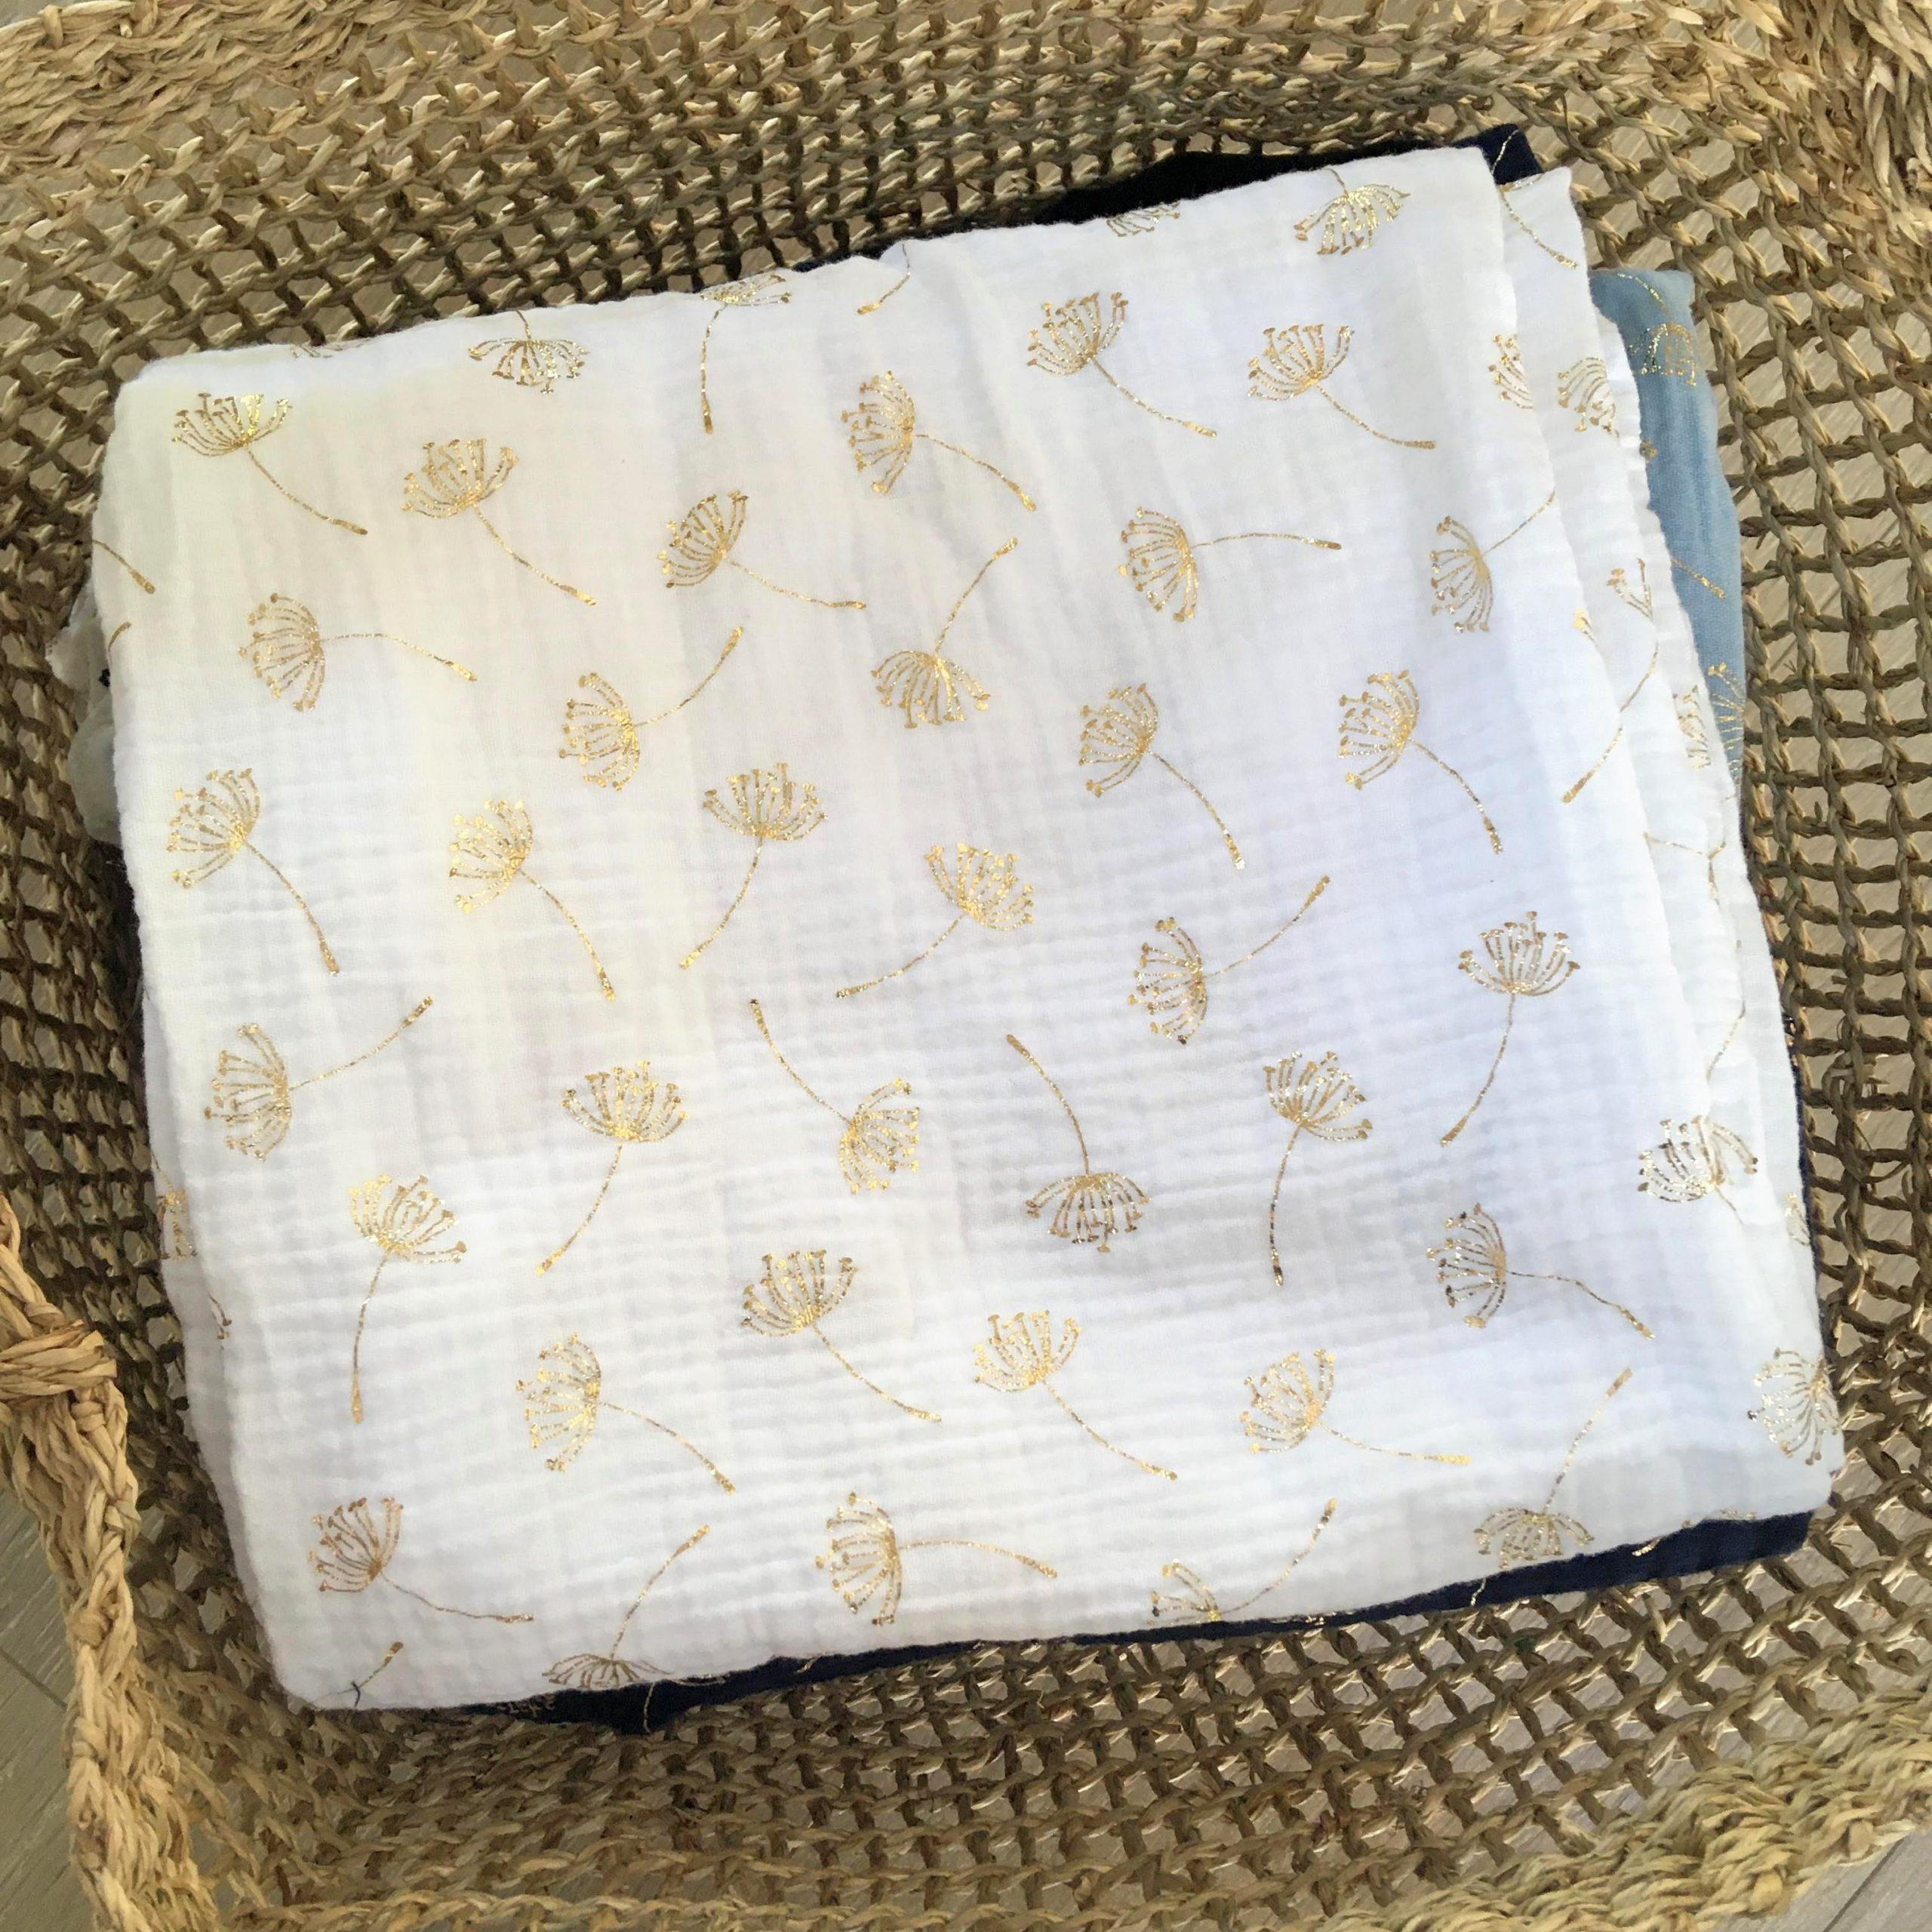 du vent dans mes valises - snood si doux double gaze pissenlits dores made in France